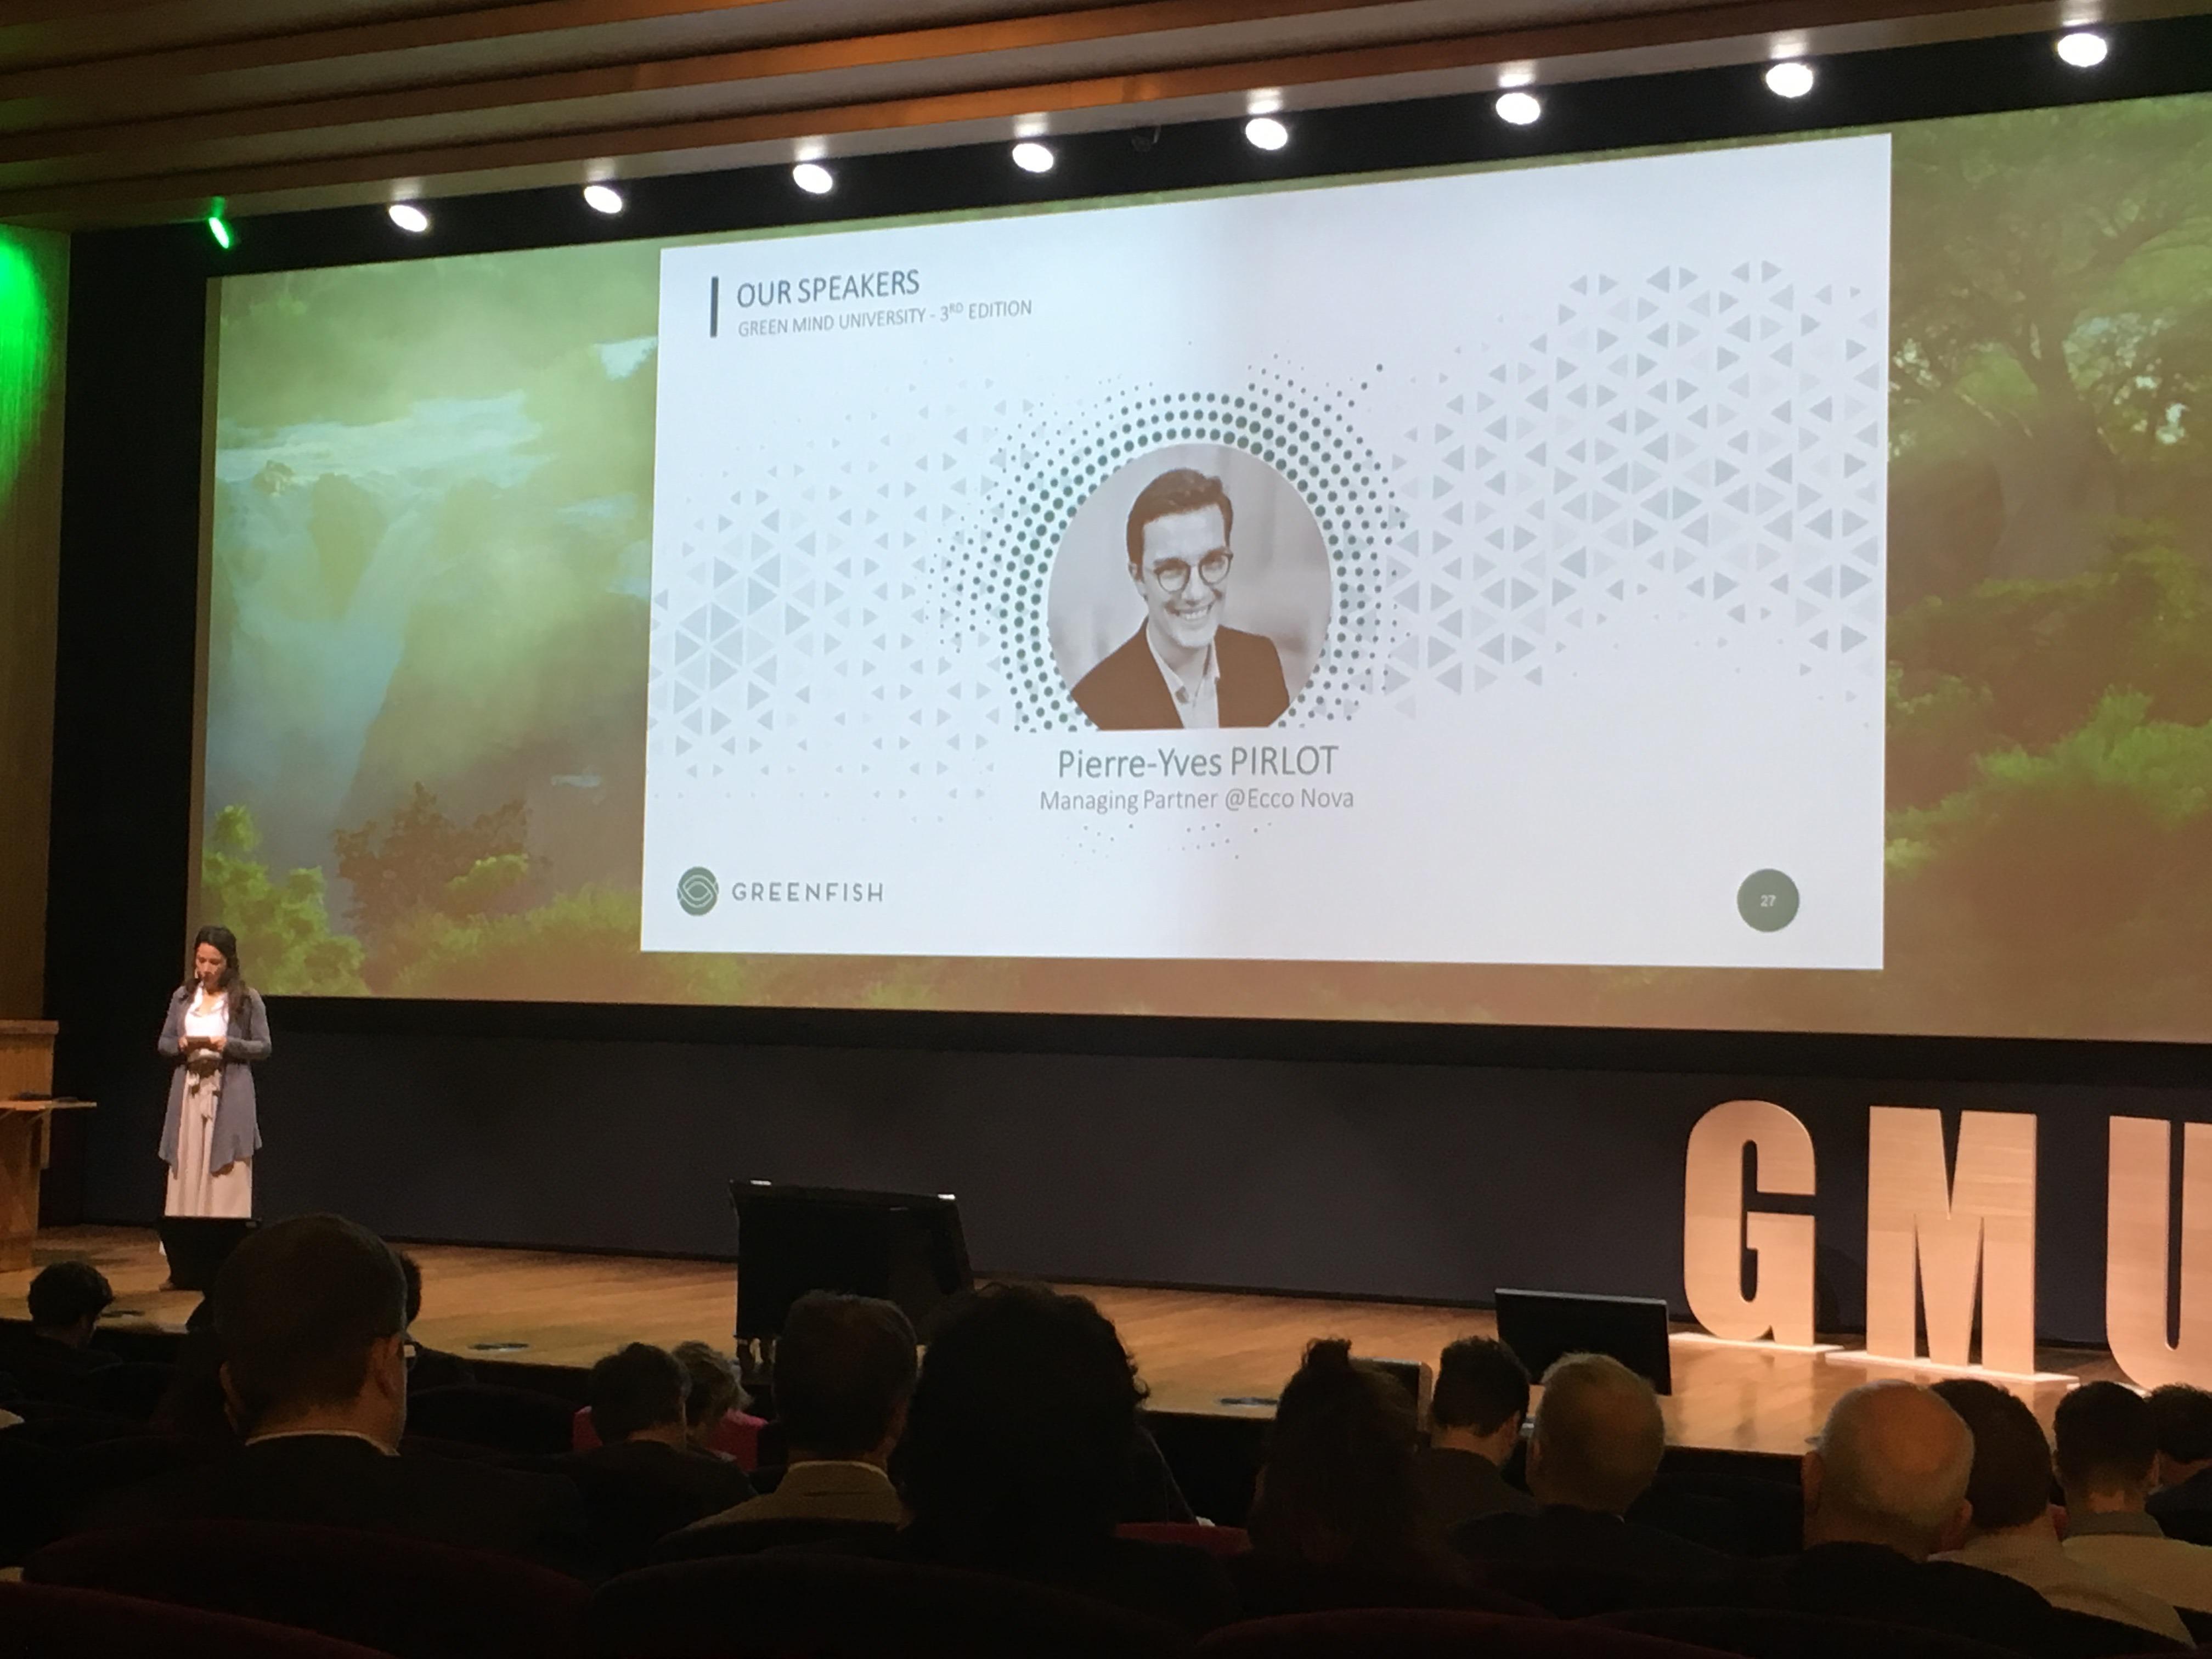 greenfish presentation slide